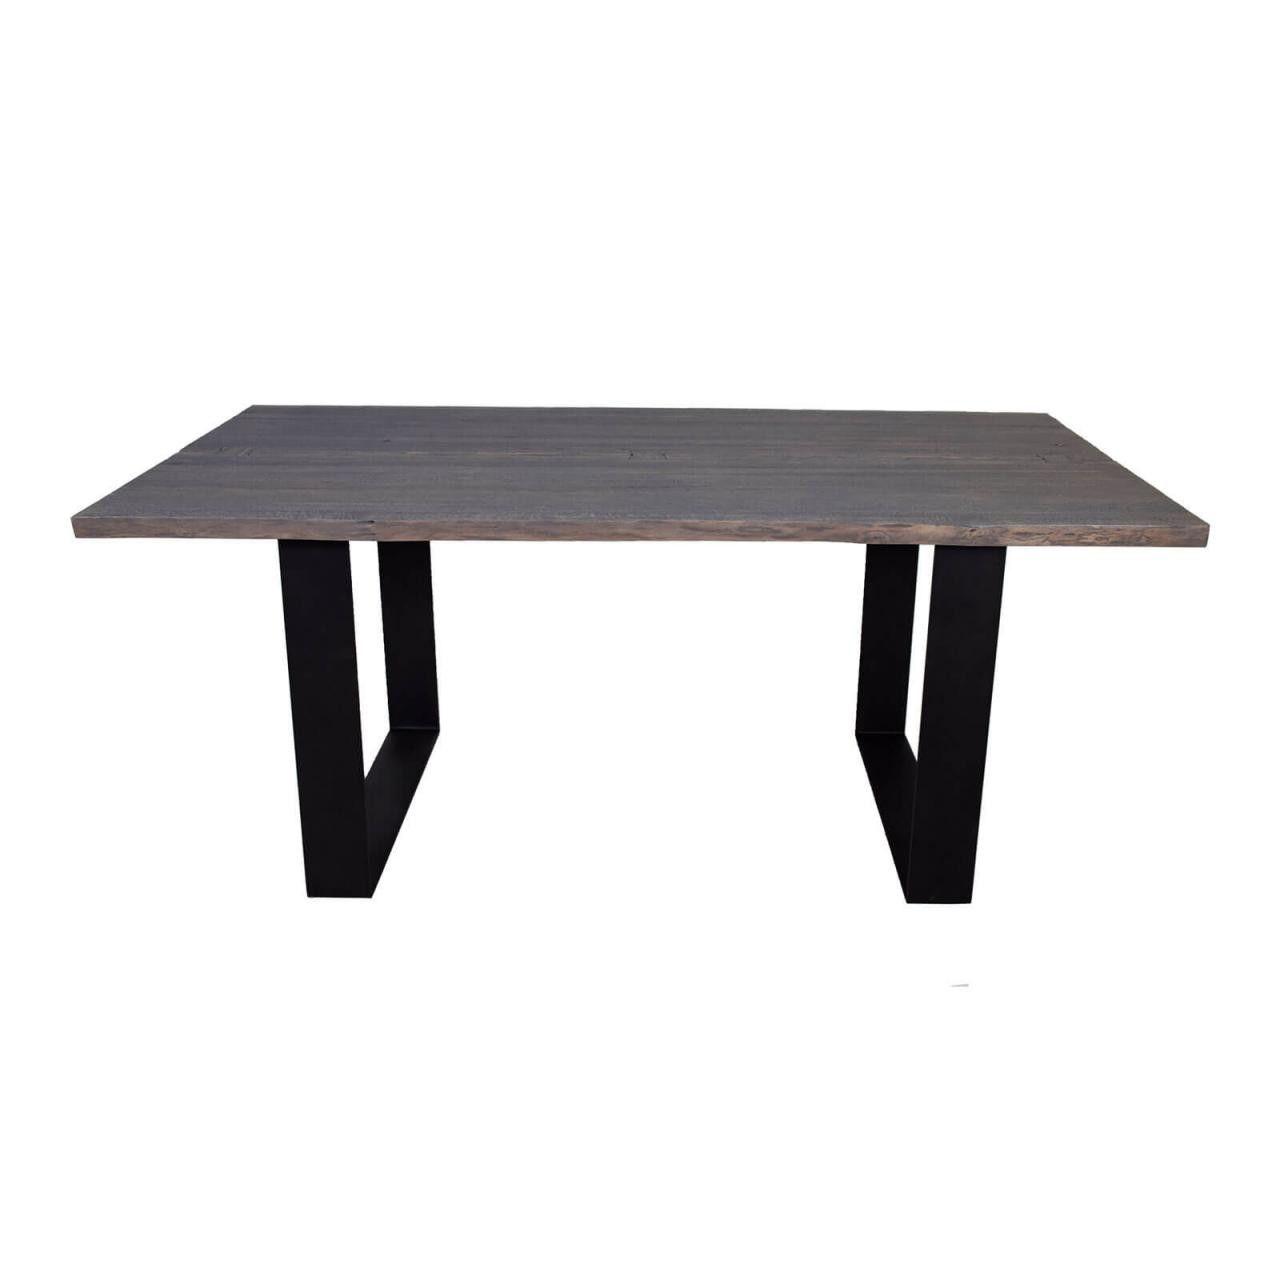 stuhl und tisch aus eisen esstisch eiche metall elegant calligaris tisch 0d archives konzept genial